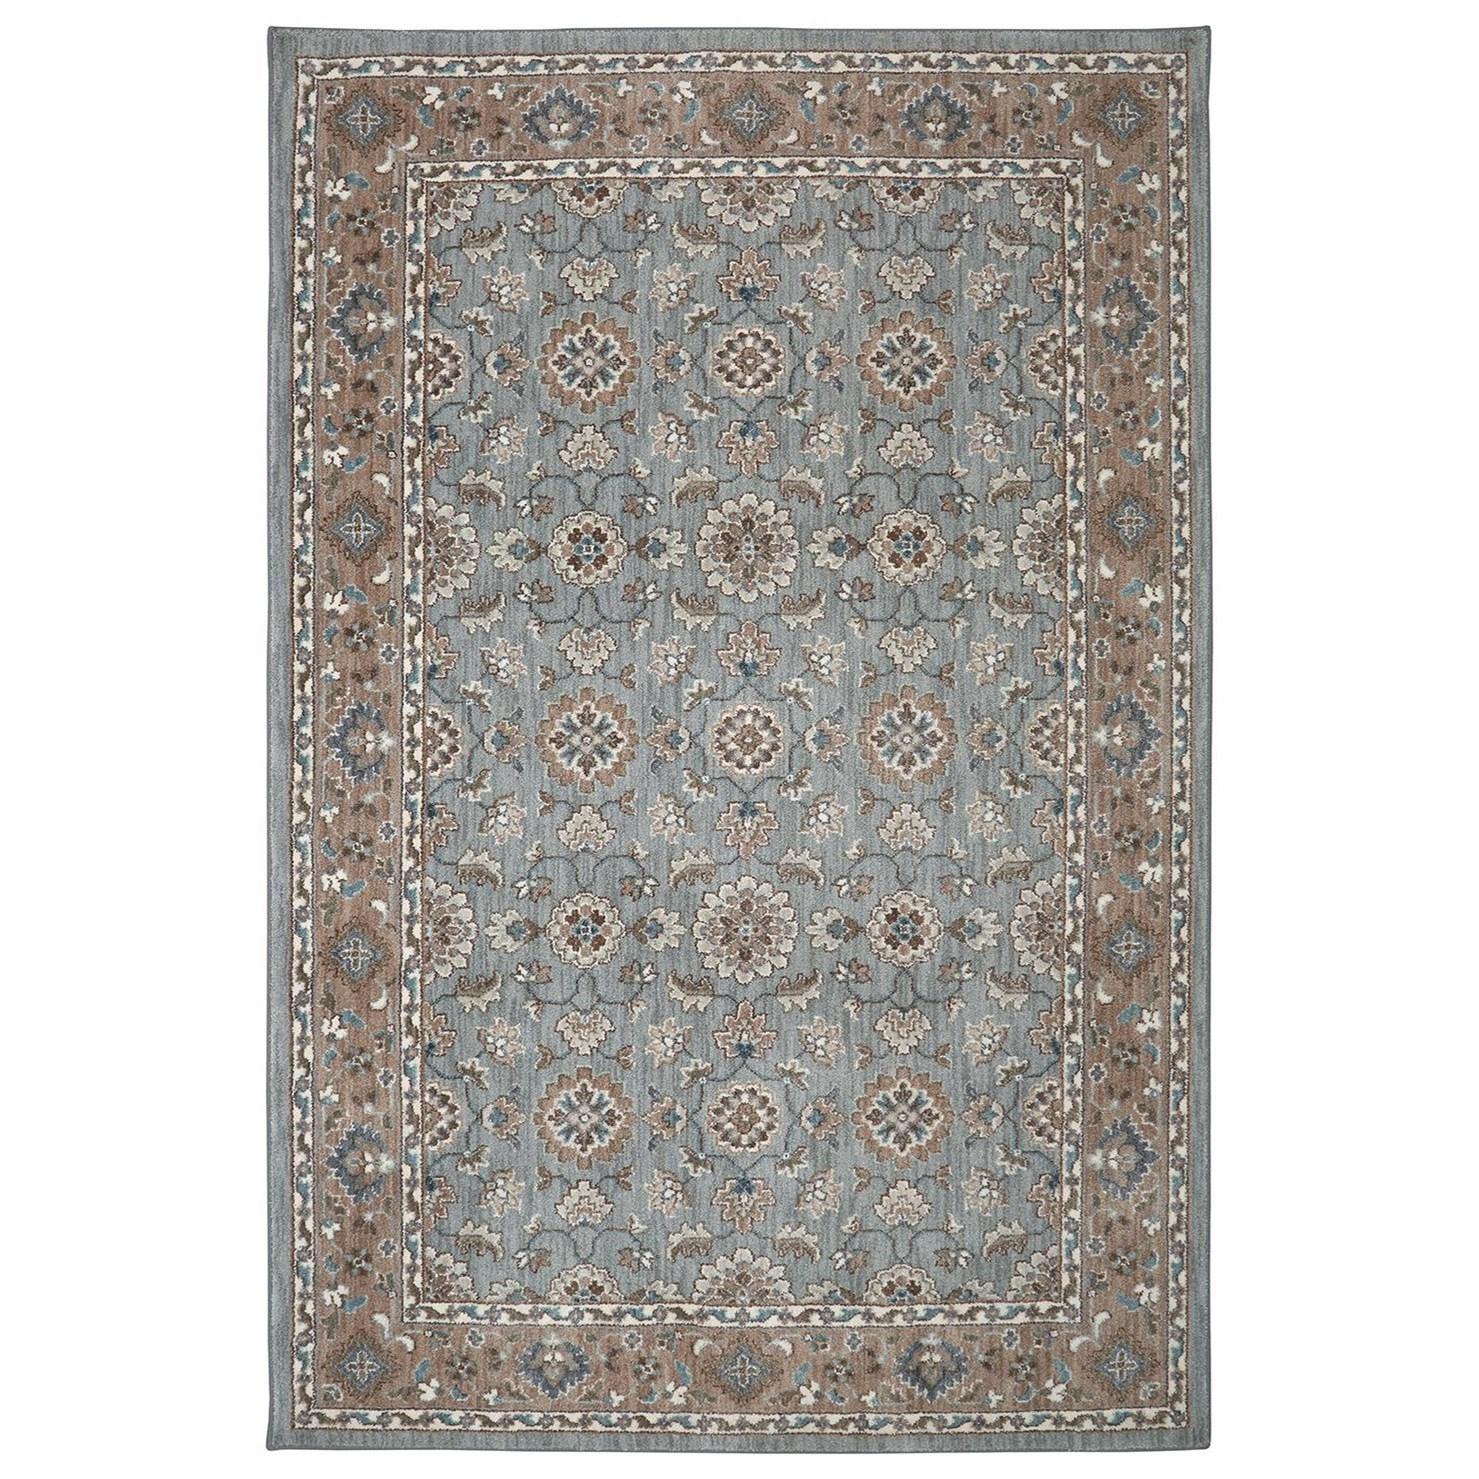 Karastan Rugs Euphoria 3'6x5'6 Leinster Willow Grey Rug - Item Number: 90641 90075 042066